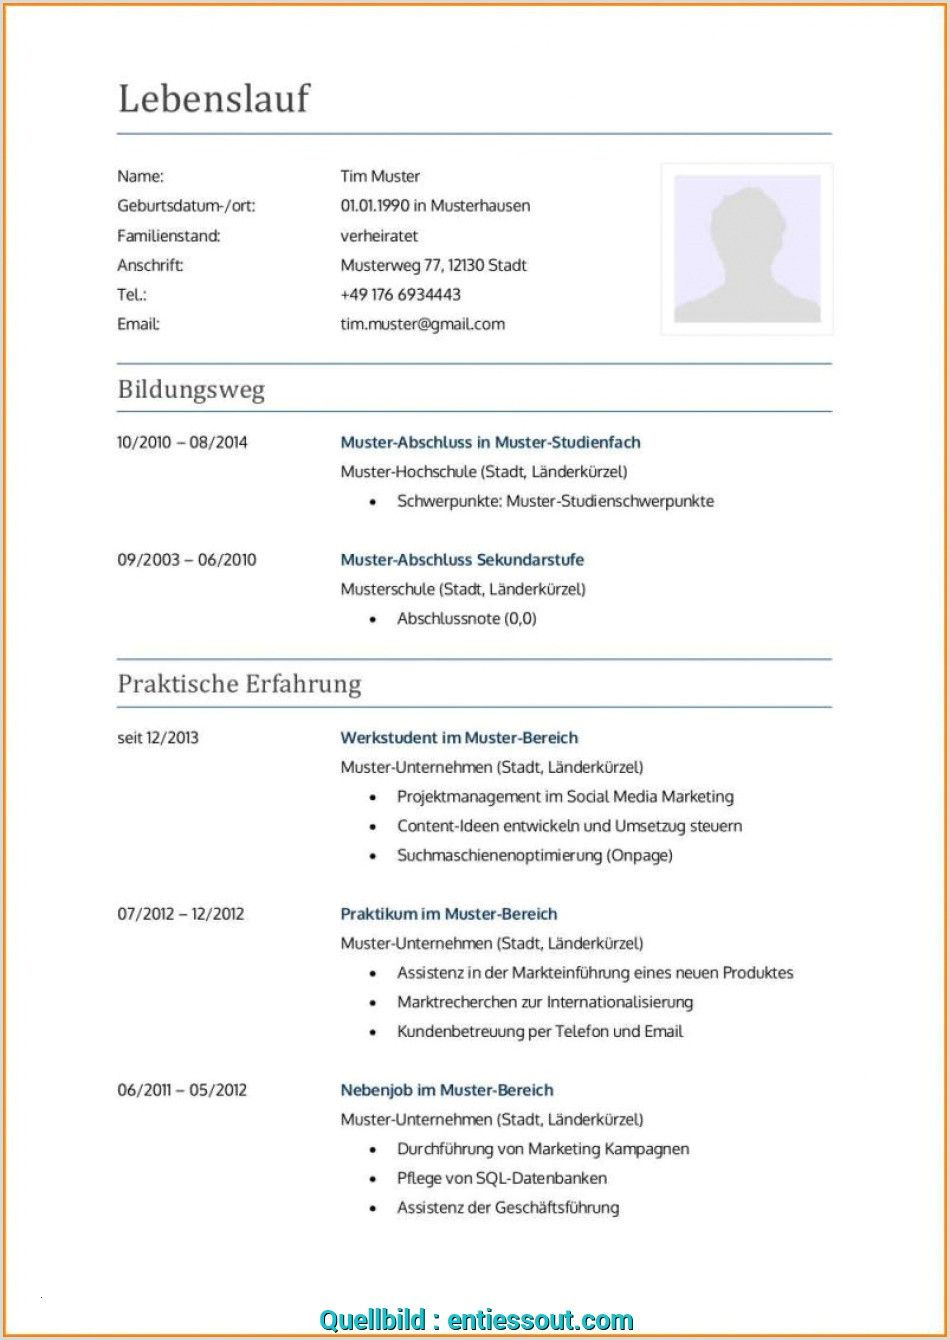 Lebenslauf Muster Gliederung In 2020 Resume Examples Good Resume Examples Basic Resume Examples